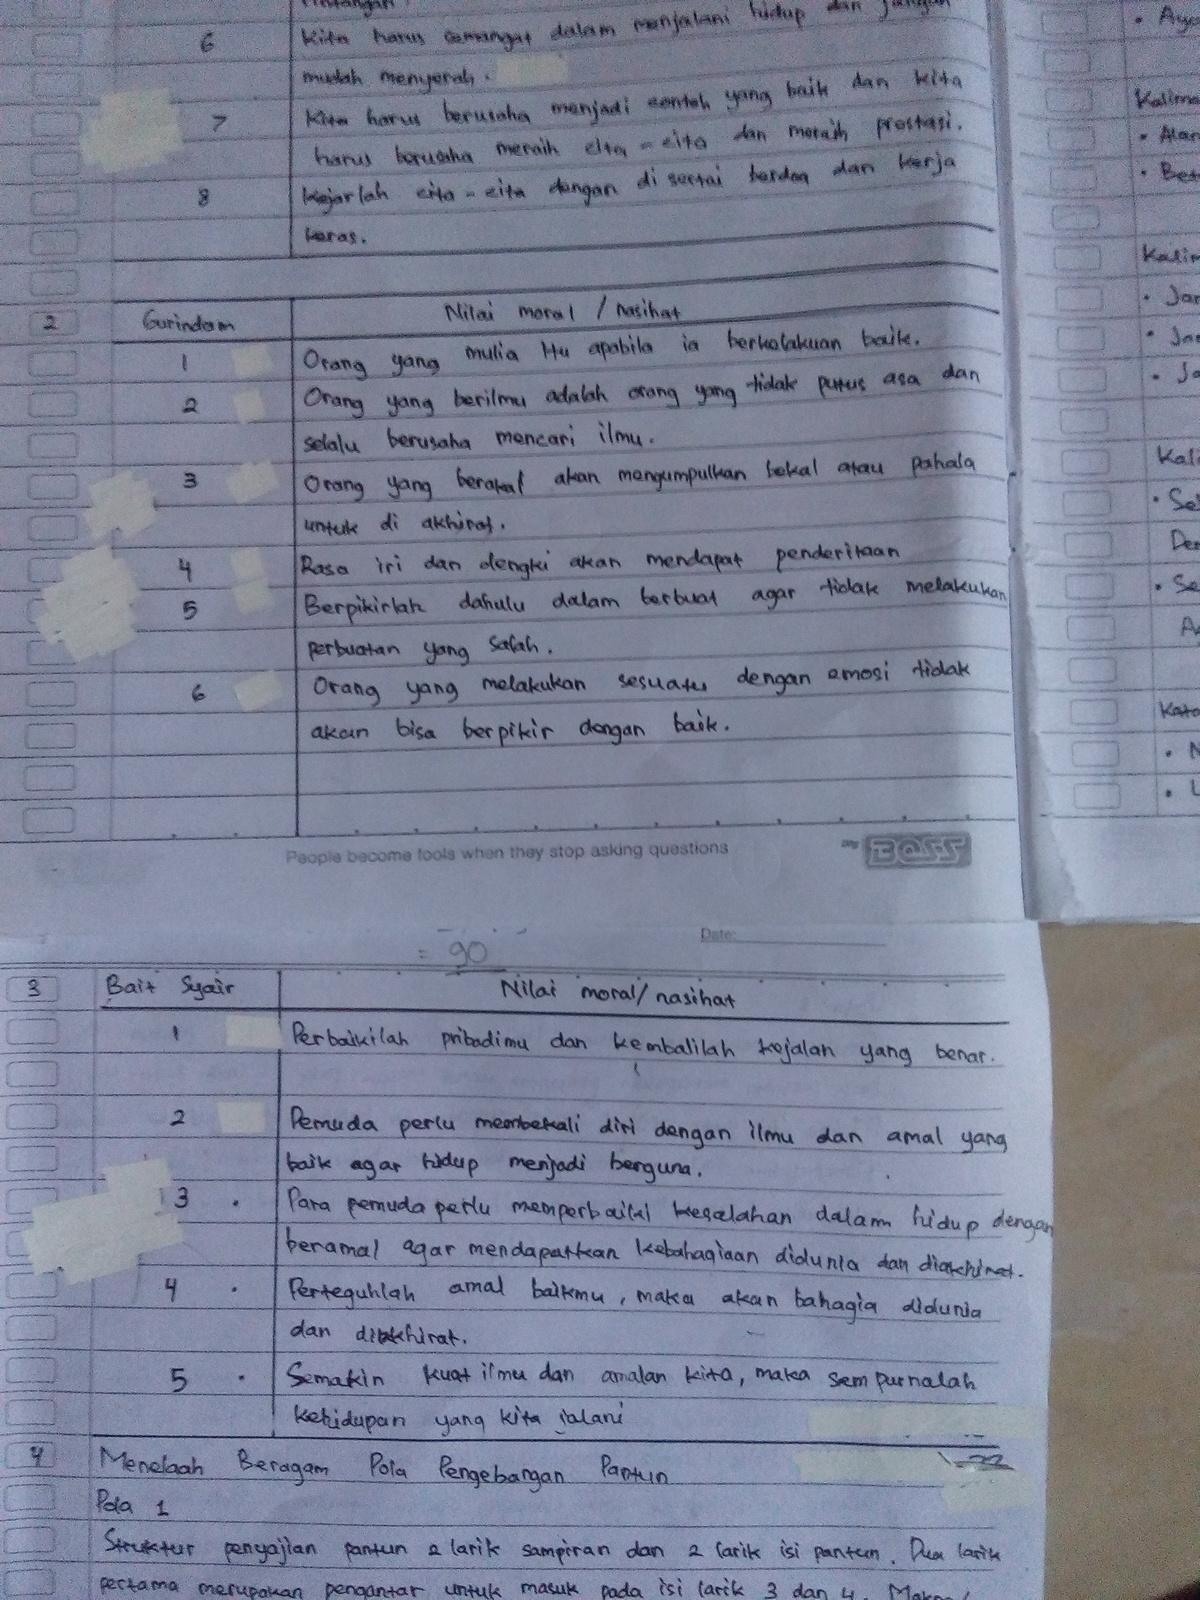 Kunci Jawaban Buku Bahasa Indonesia Kelas 7 Halaman 175 Guru Galeri